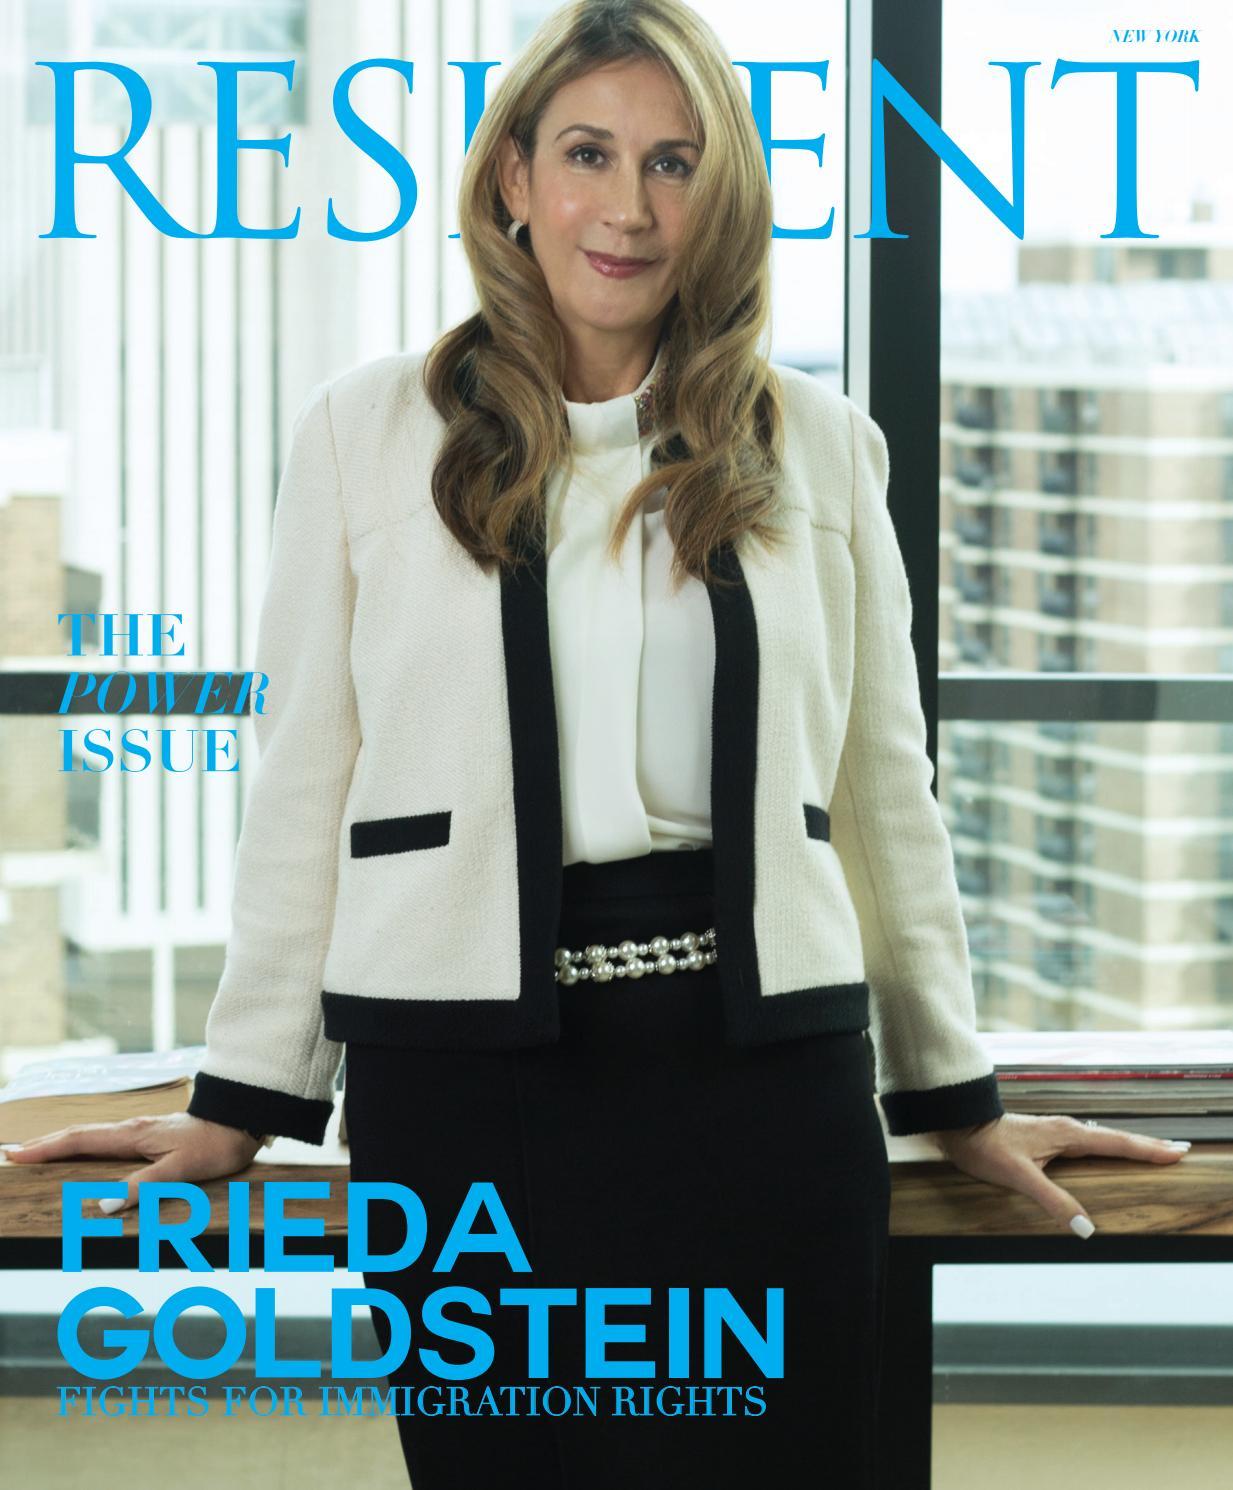 4849fe9a965 Resident Magazine NY FEBRUARY 2019 FRIEDA GOLDSTEIN by Resident Magazine -  issuu